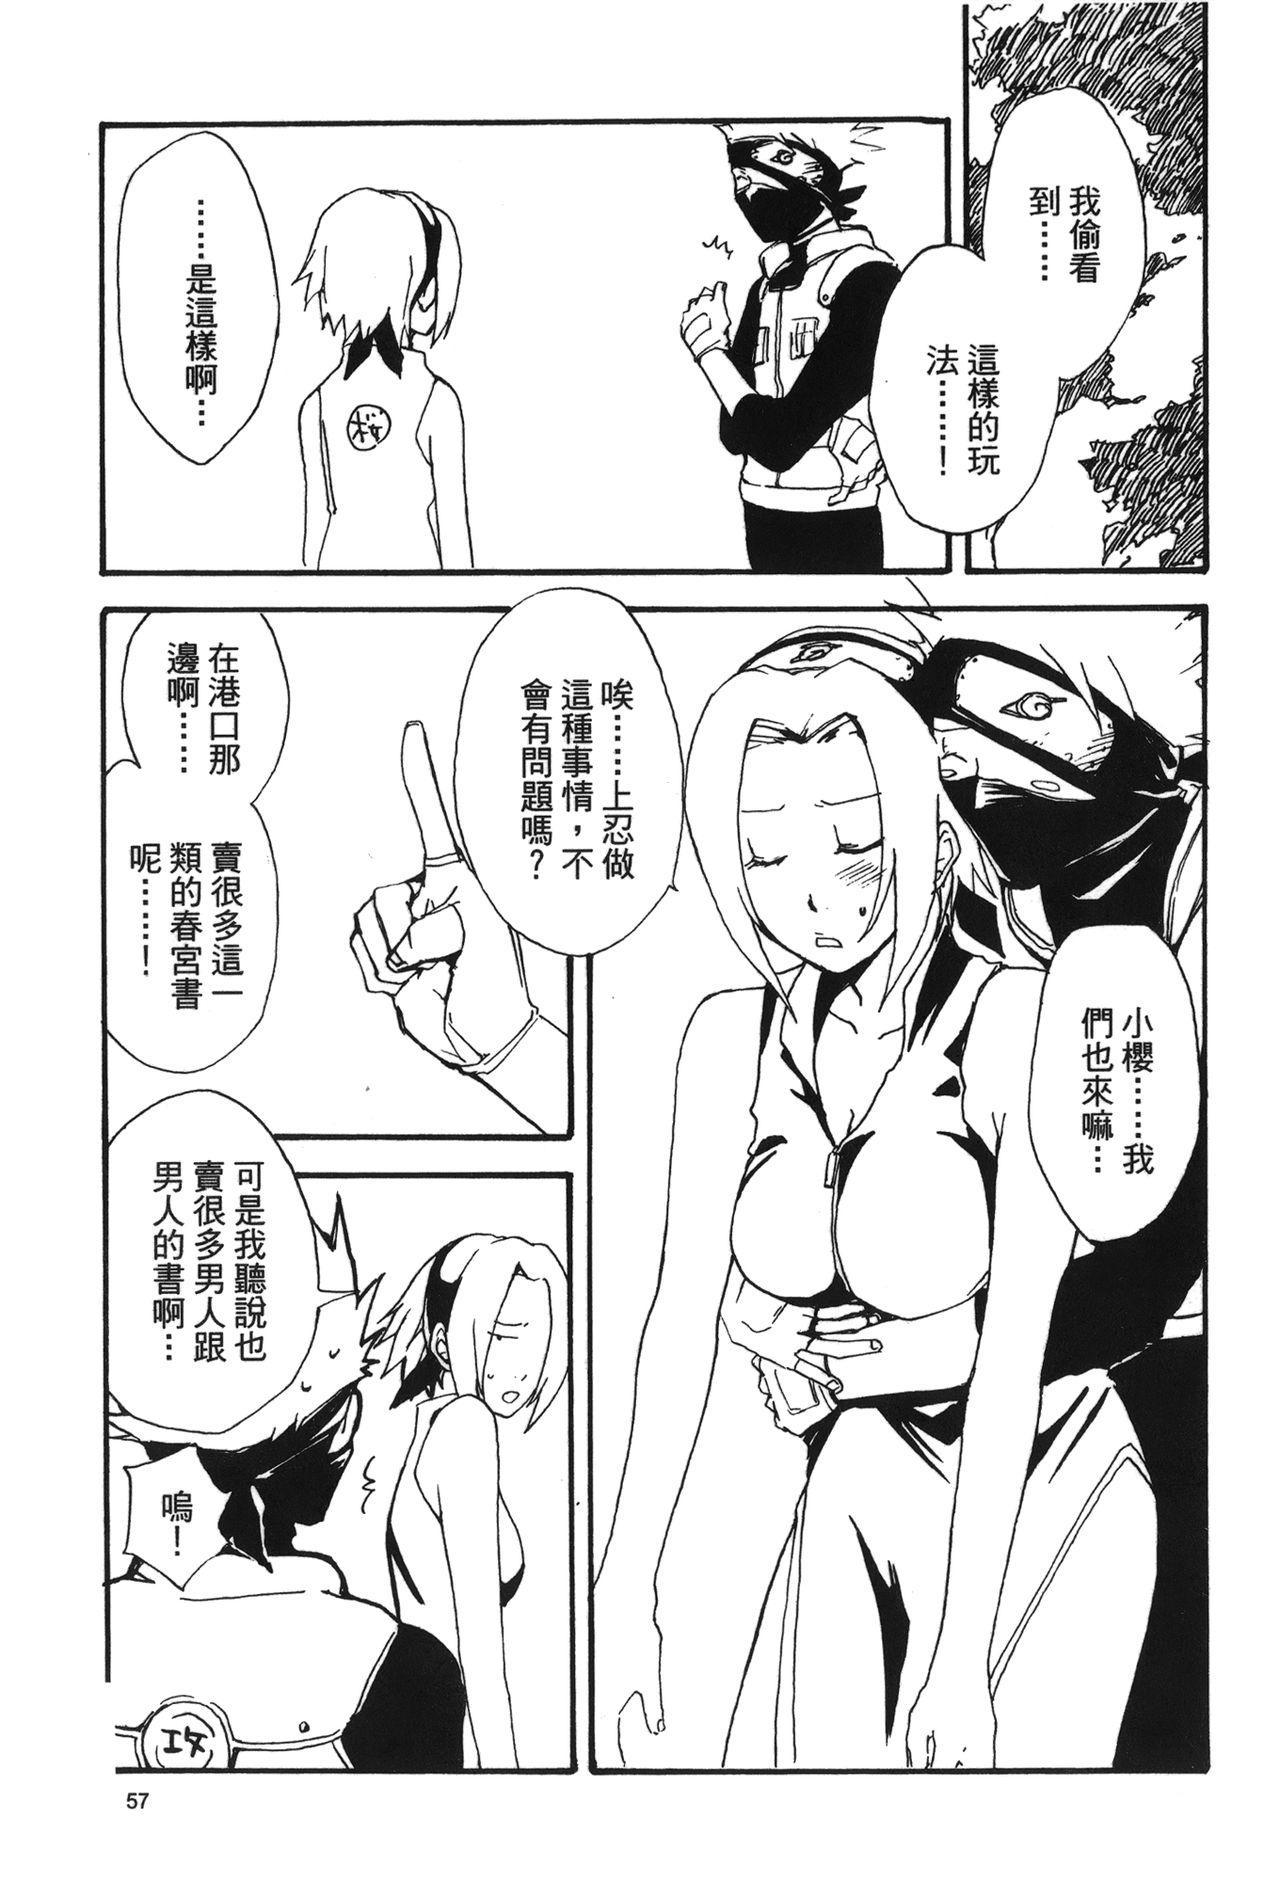 naruto ninja biography vol.02 57